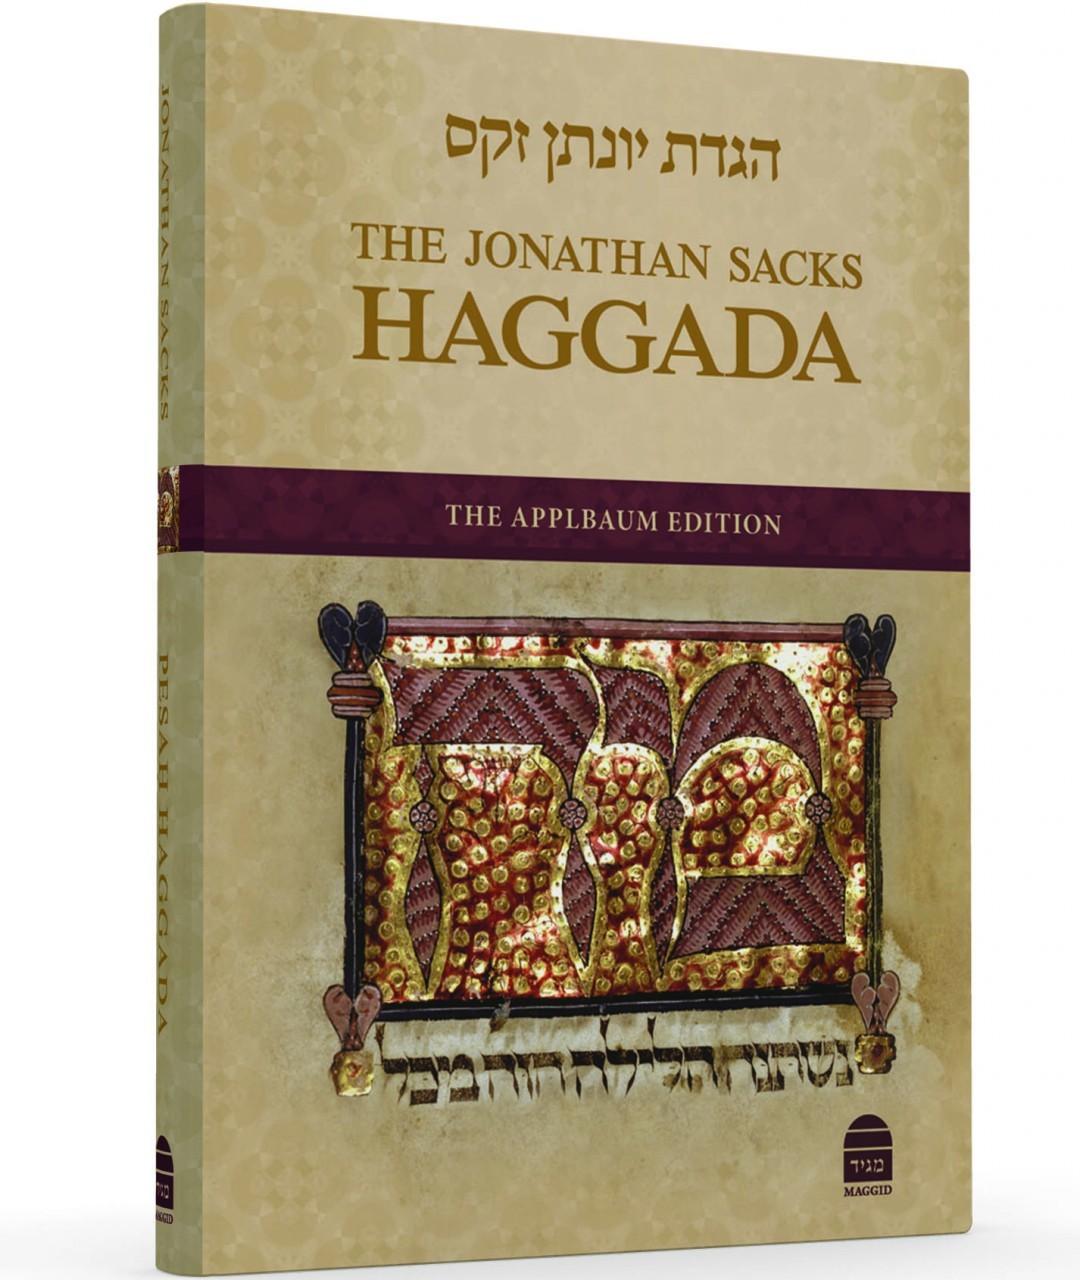 The Jonathan Sacks Haggadah